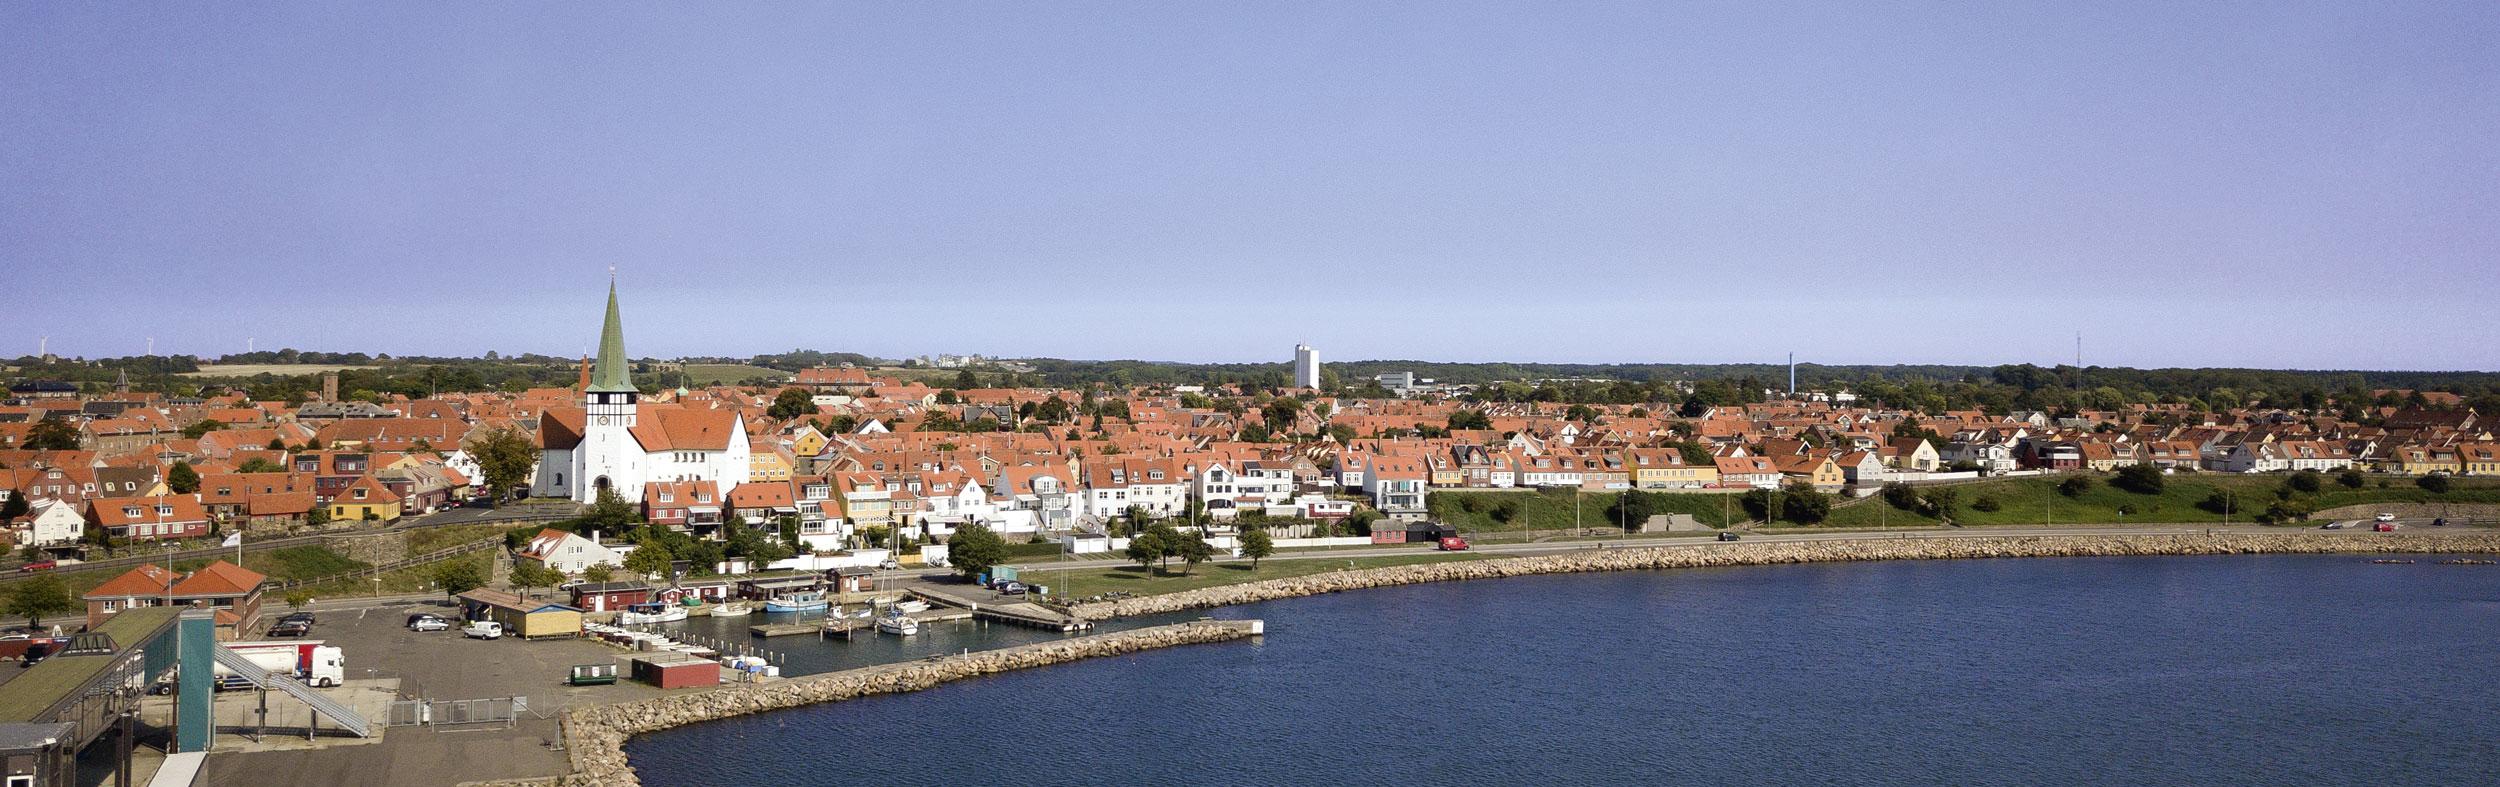 Rnne-havn-bornholmkorr1